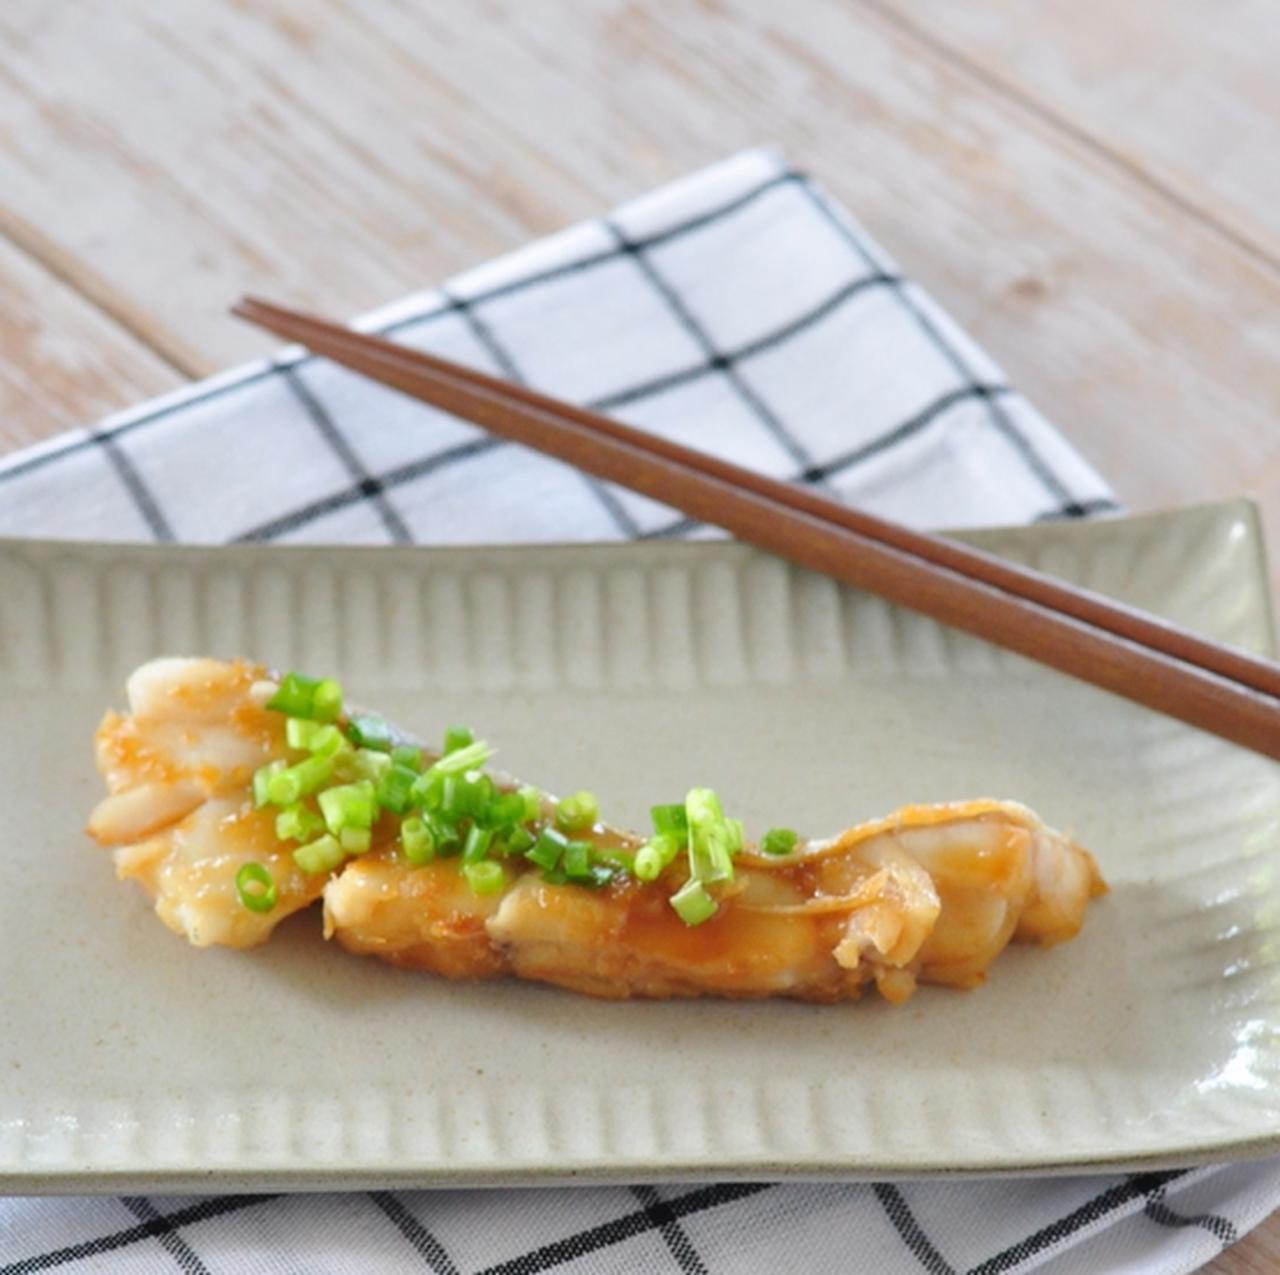 画像: ふっくらたらの生姜焼き - 君とごはん